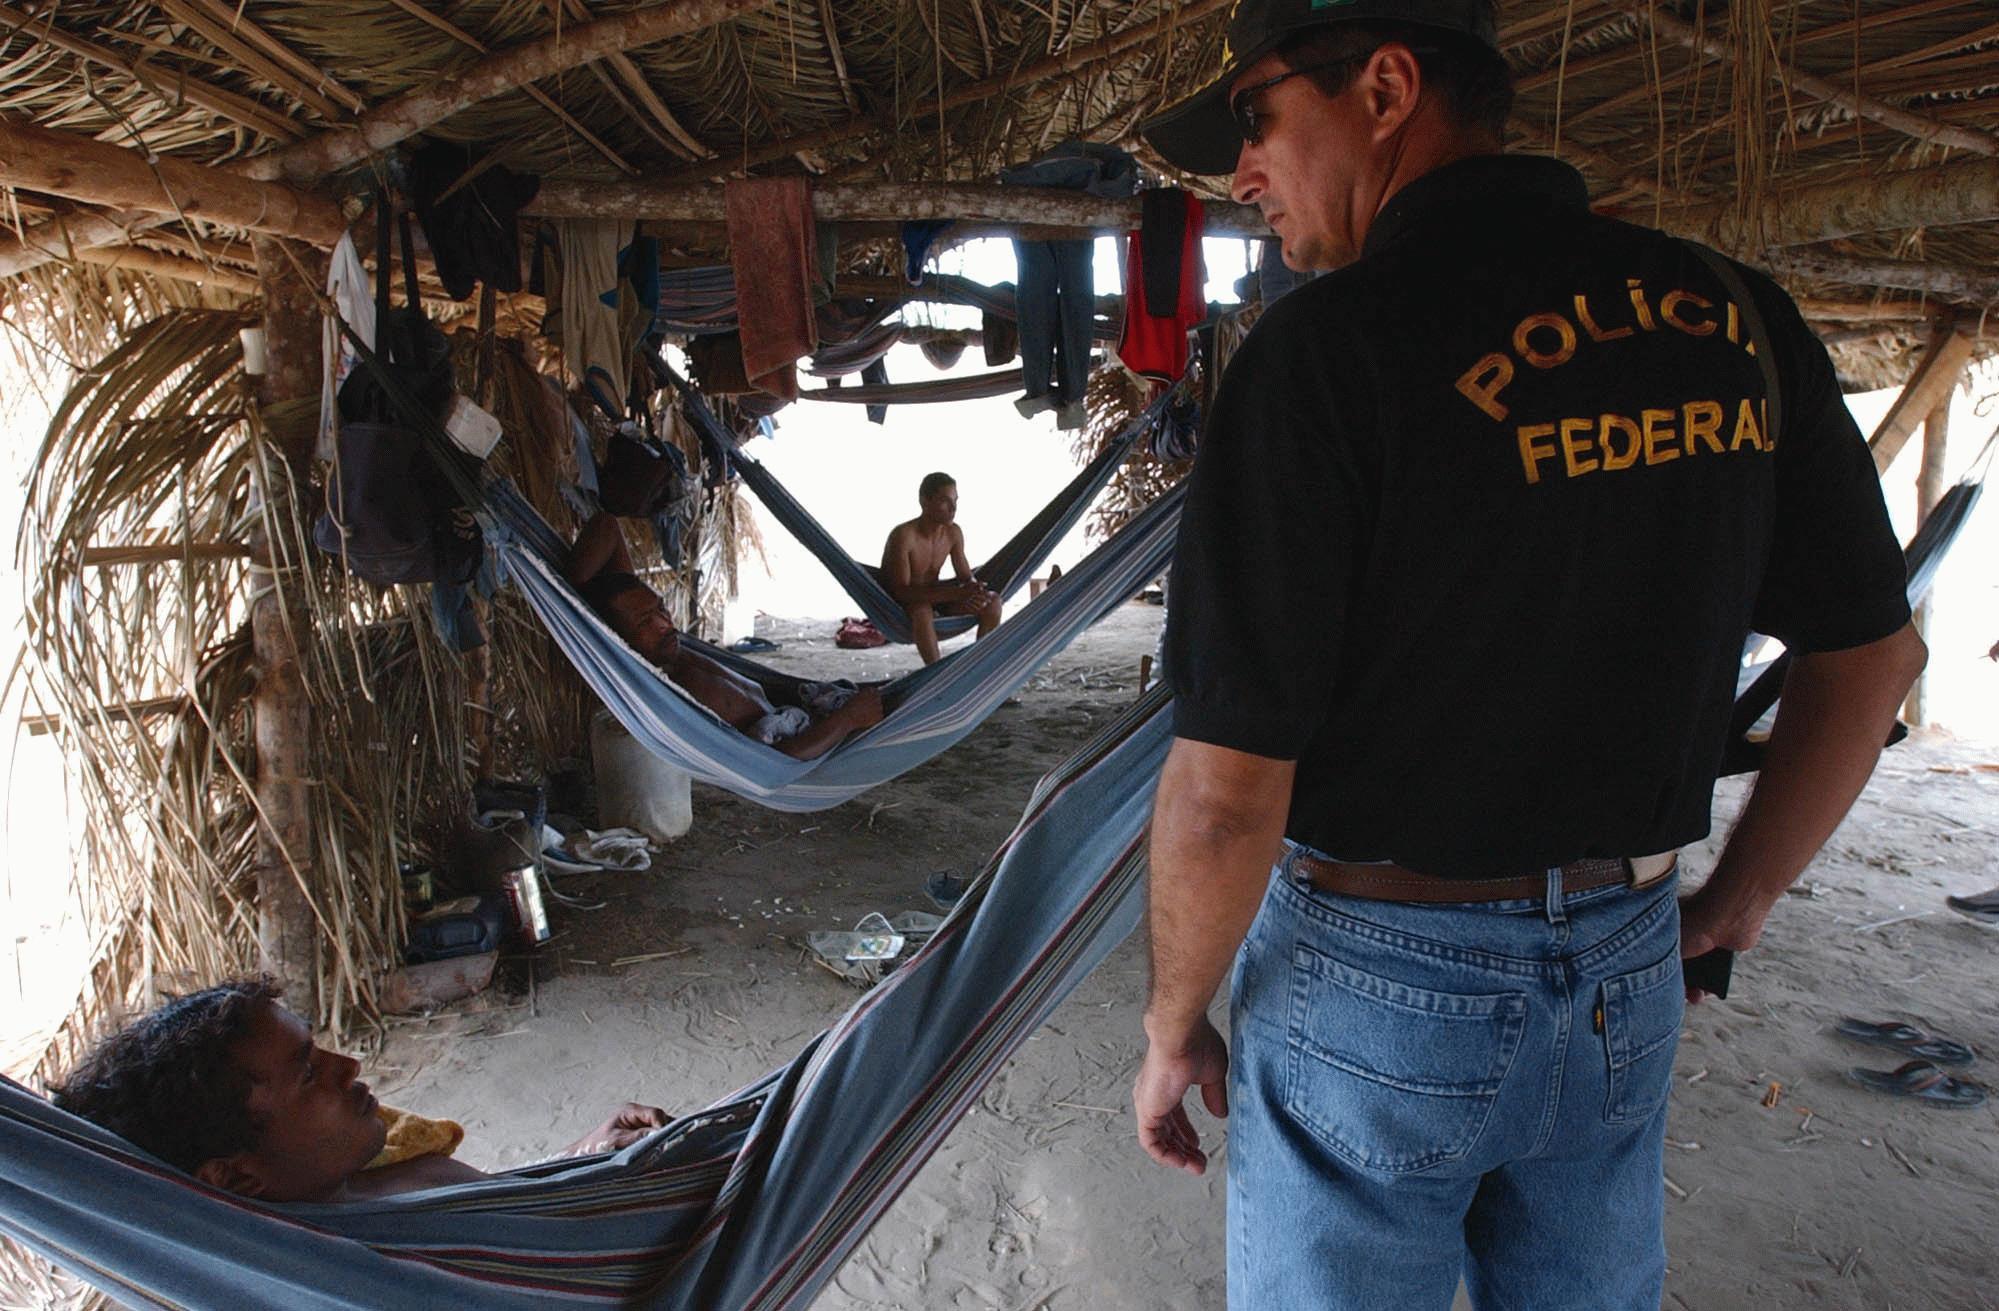 Policial federal durante ação de combate ao trabalho escravo